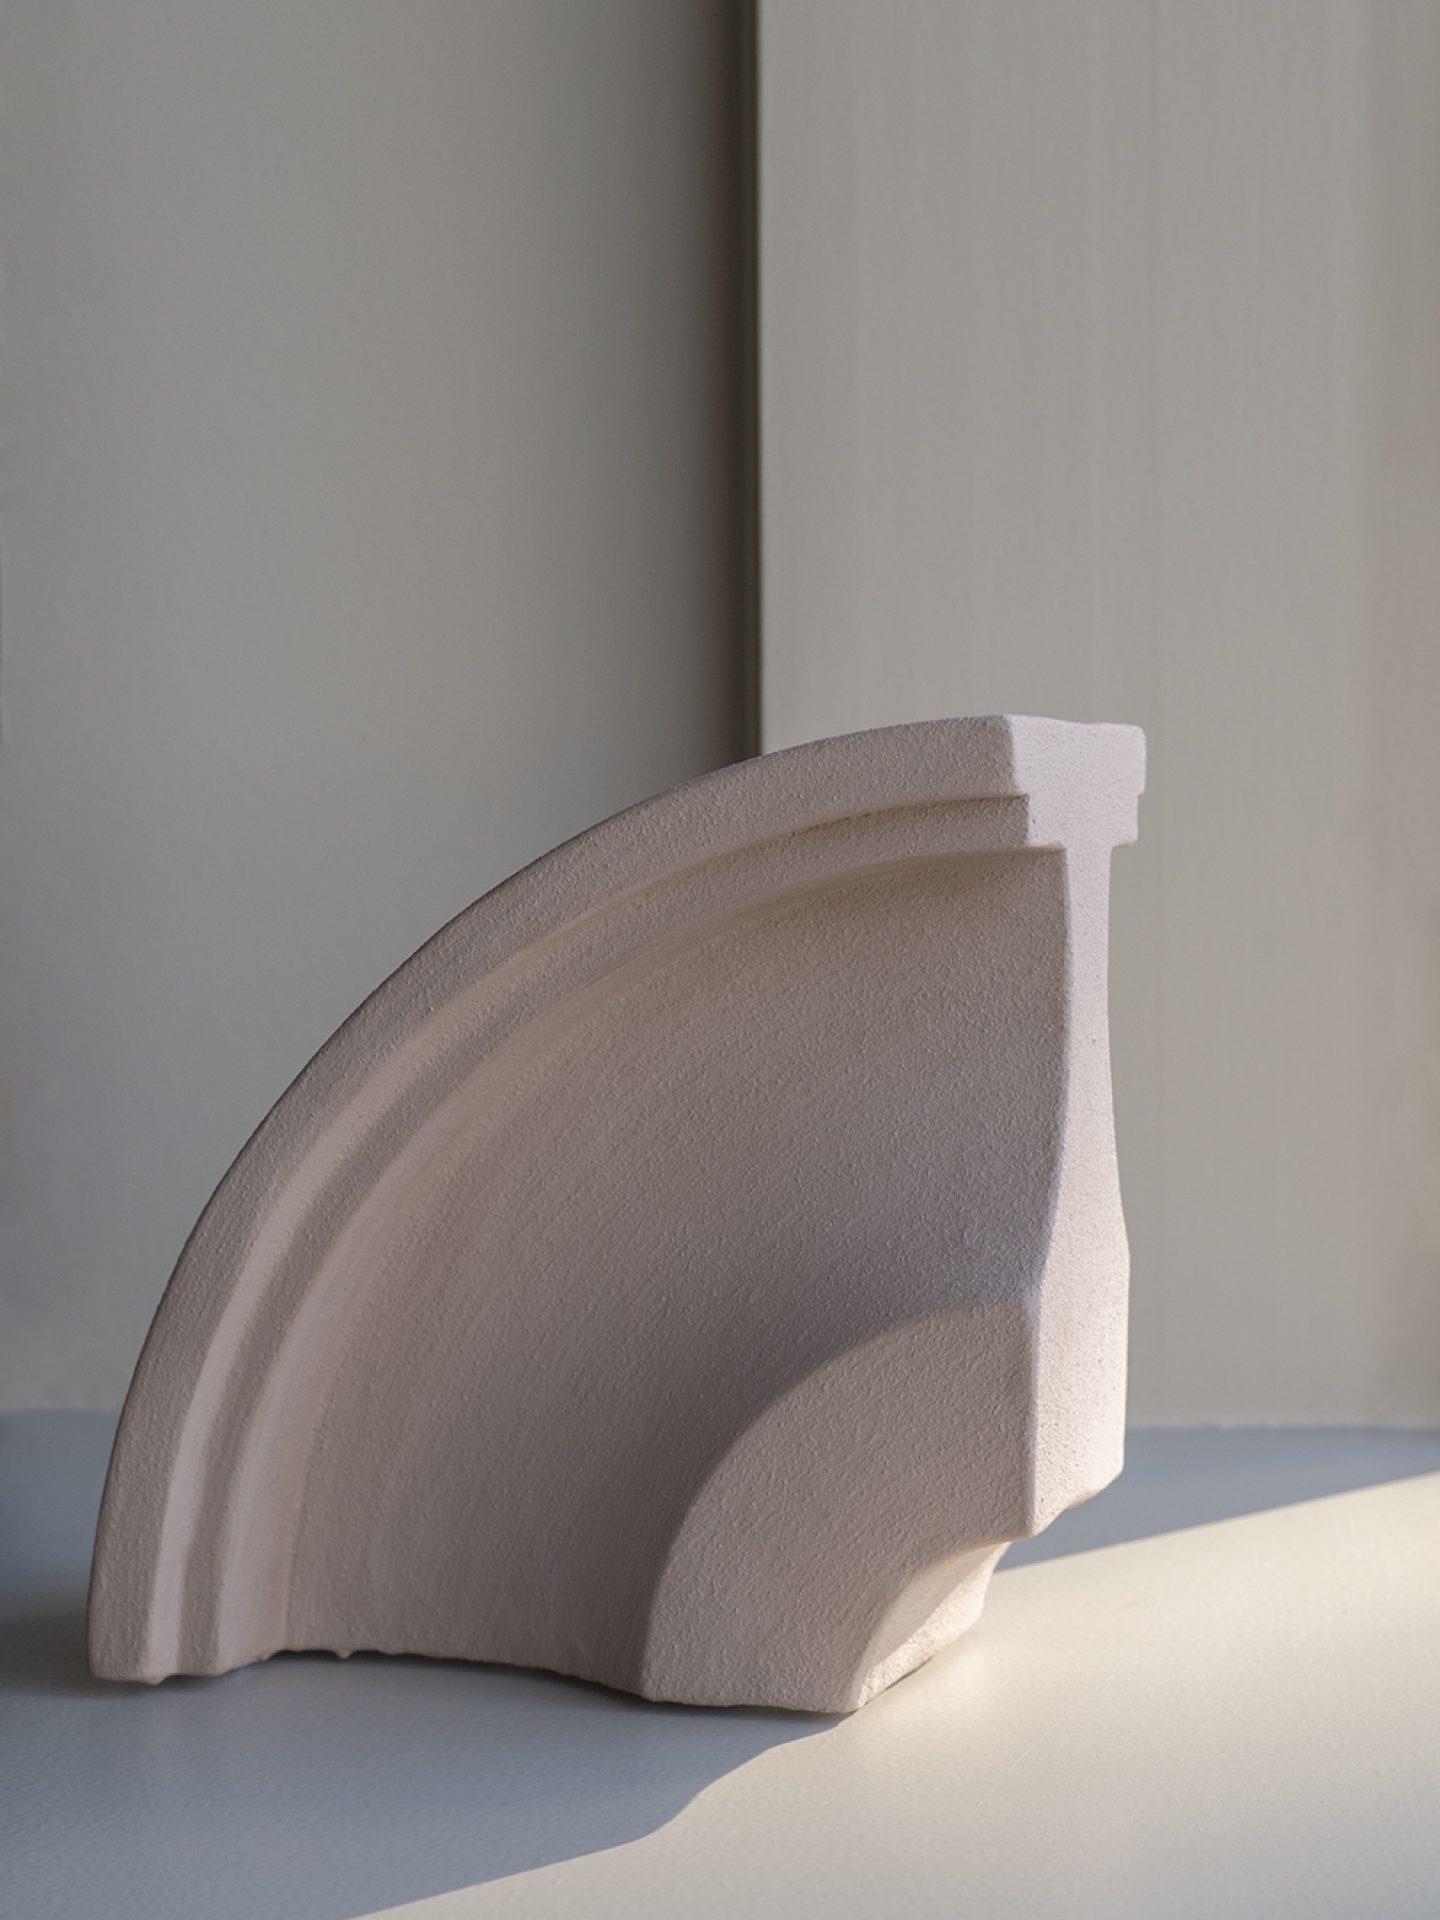 IGNANT-ART-Sculpture-Alium-08